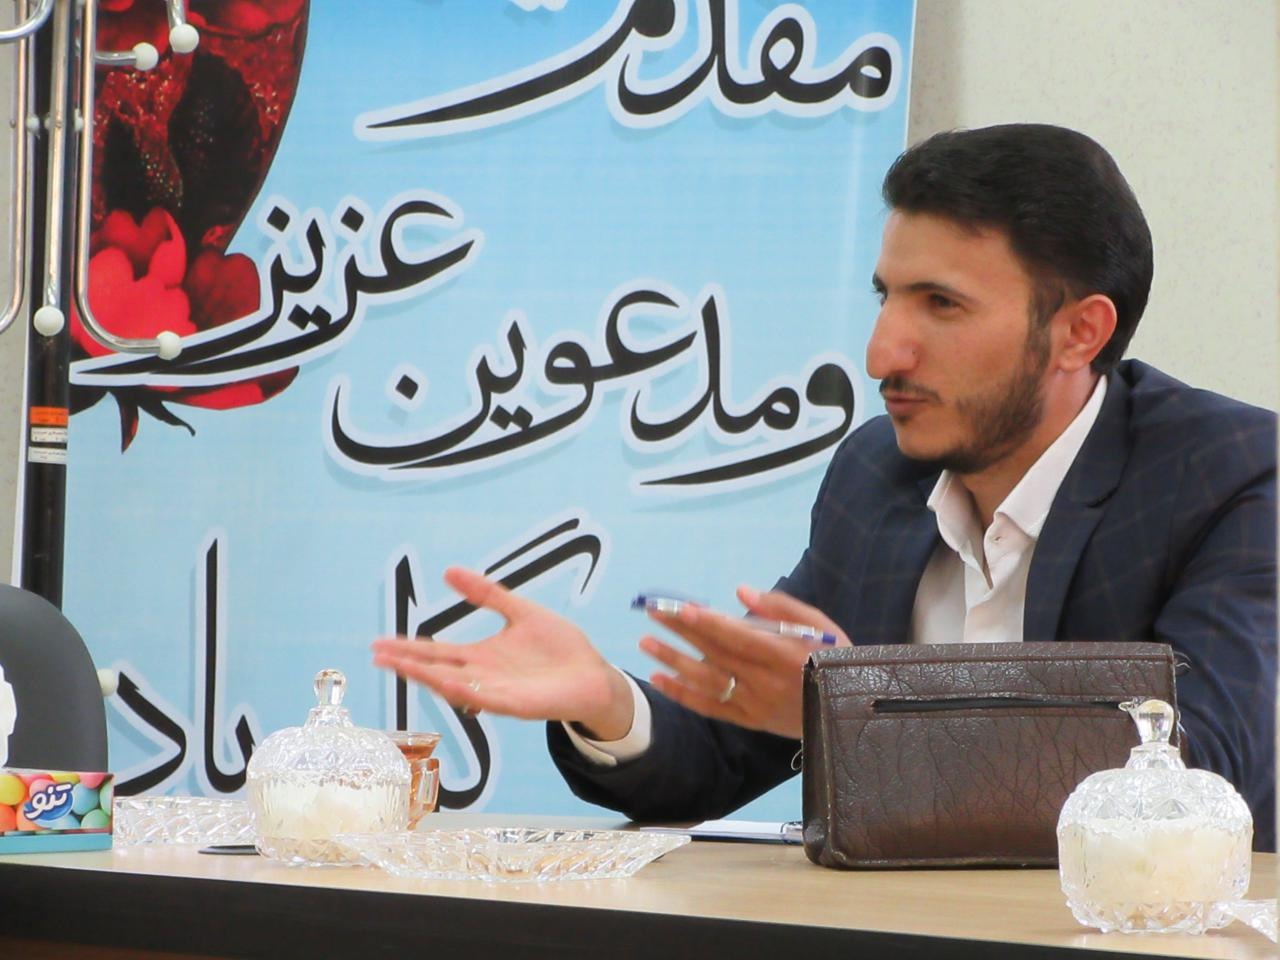 اجتماع عظیم عزاداران حسینی در  روز عاشورا  برگزار می شود